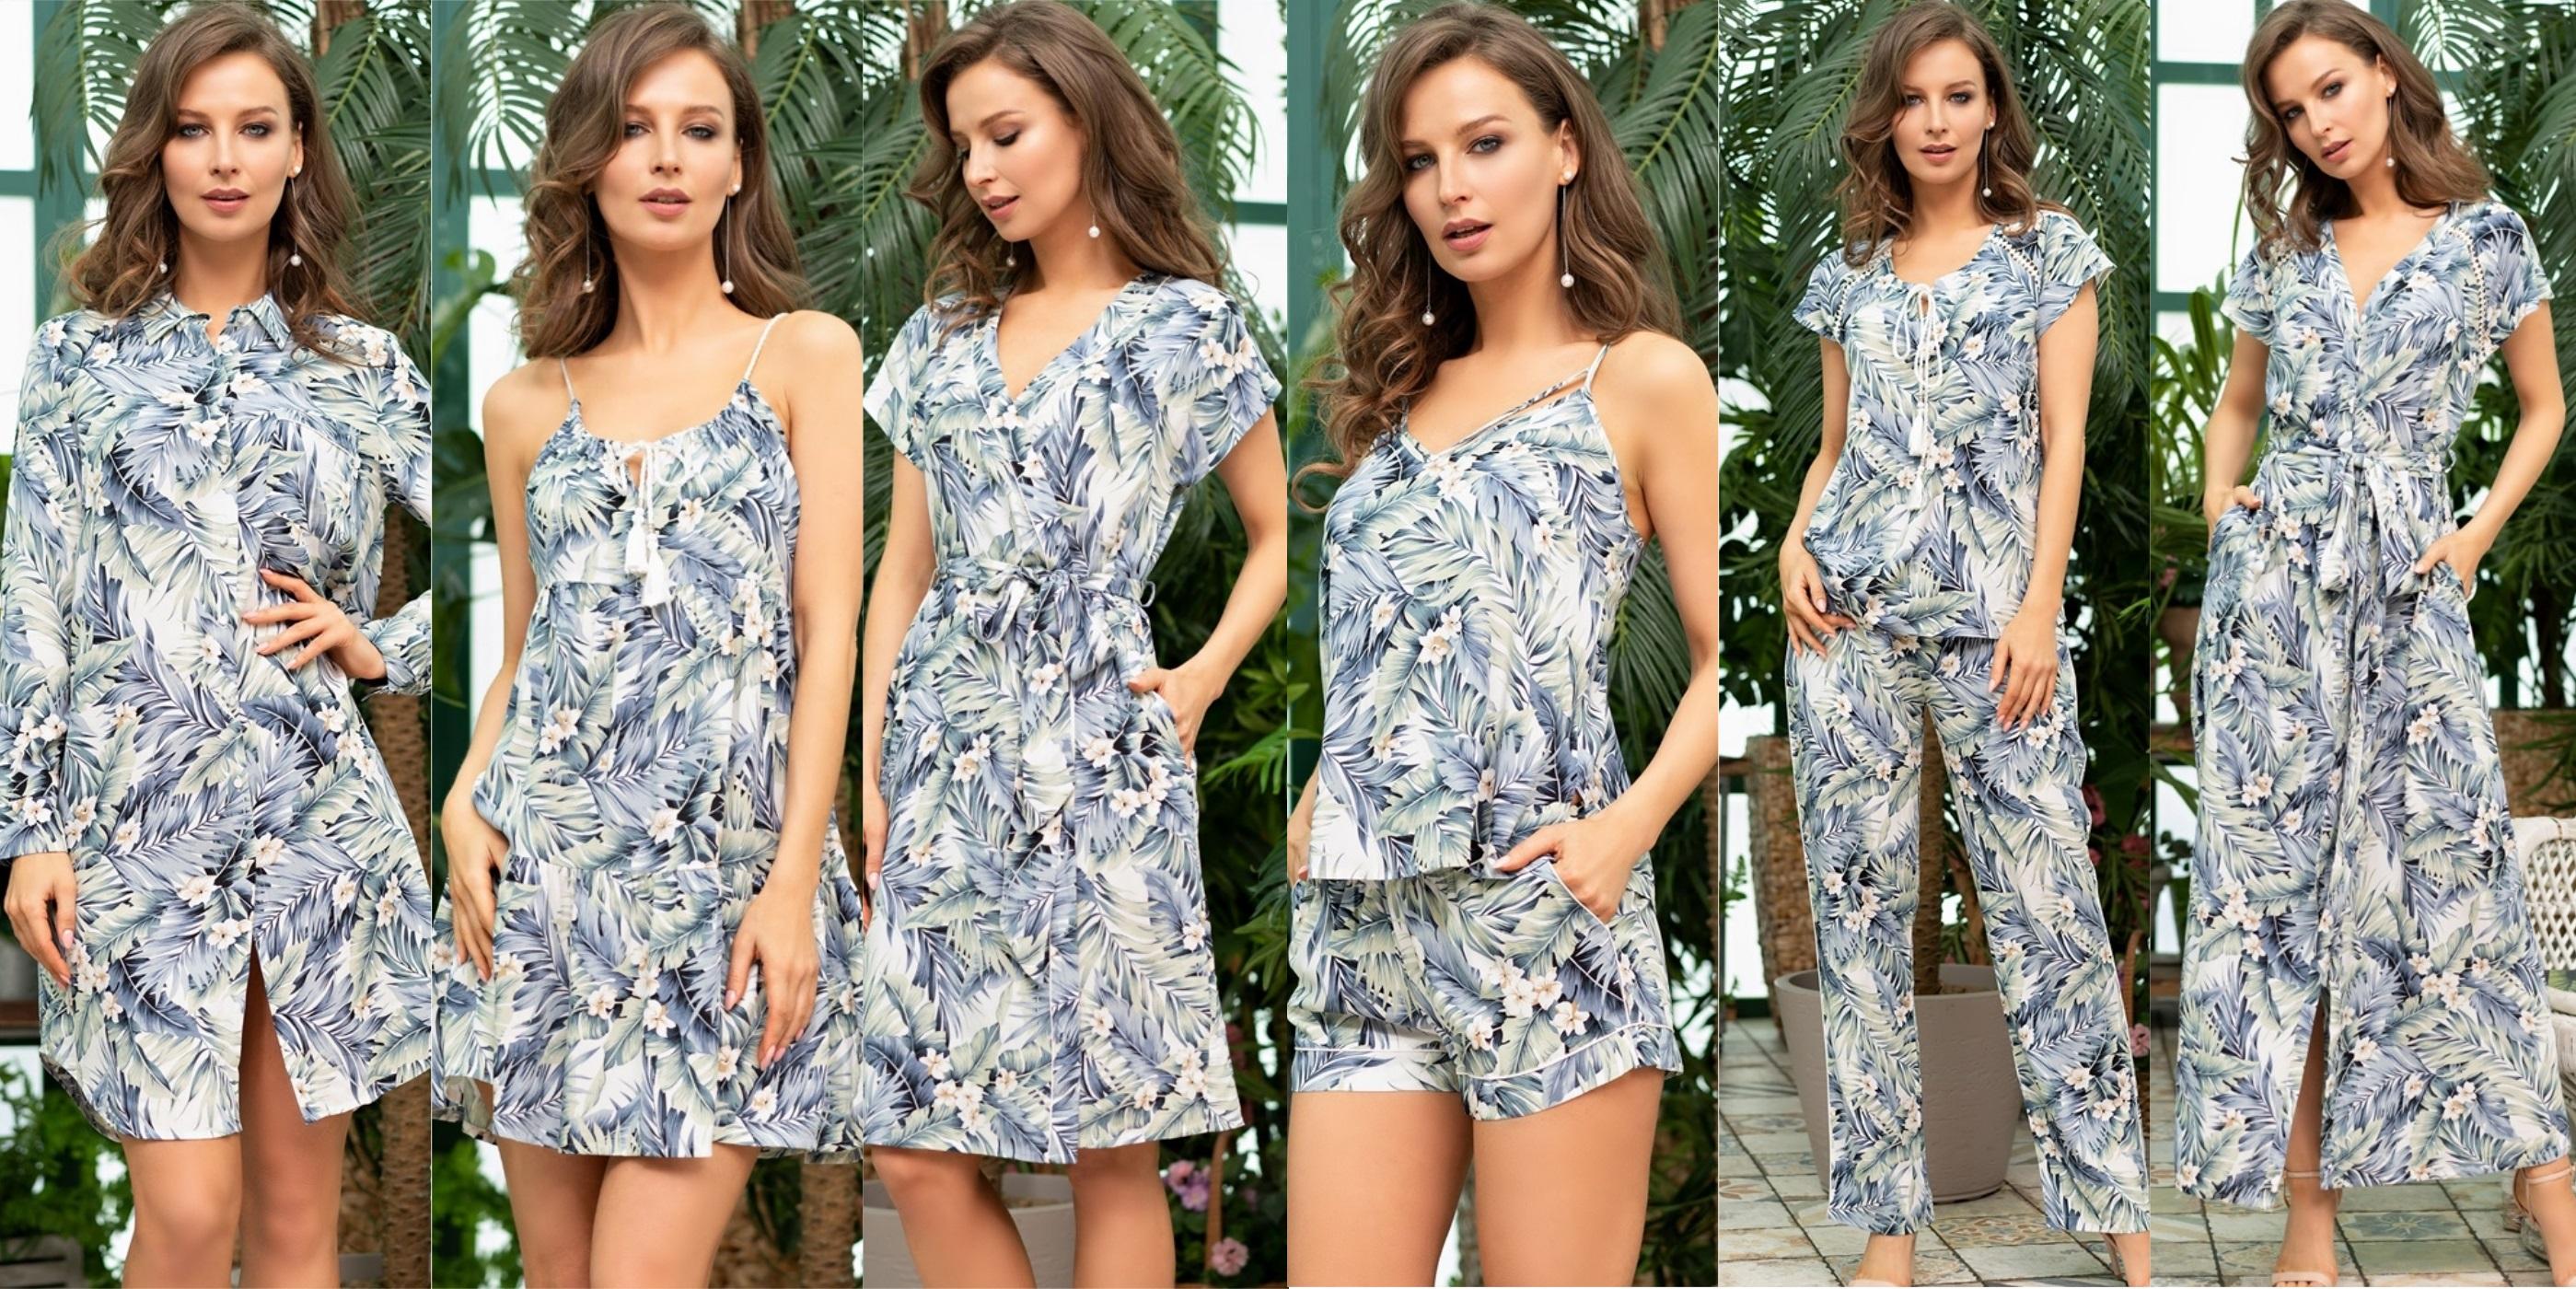 Женская одежда для дома, халат Mia-Mia купить